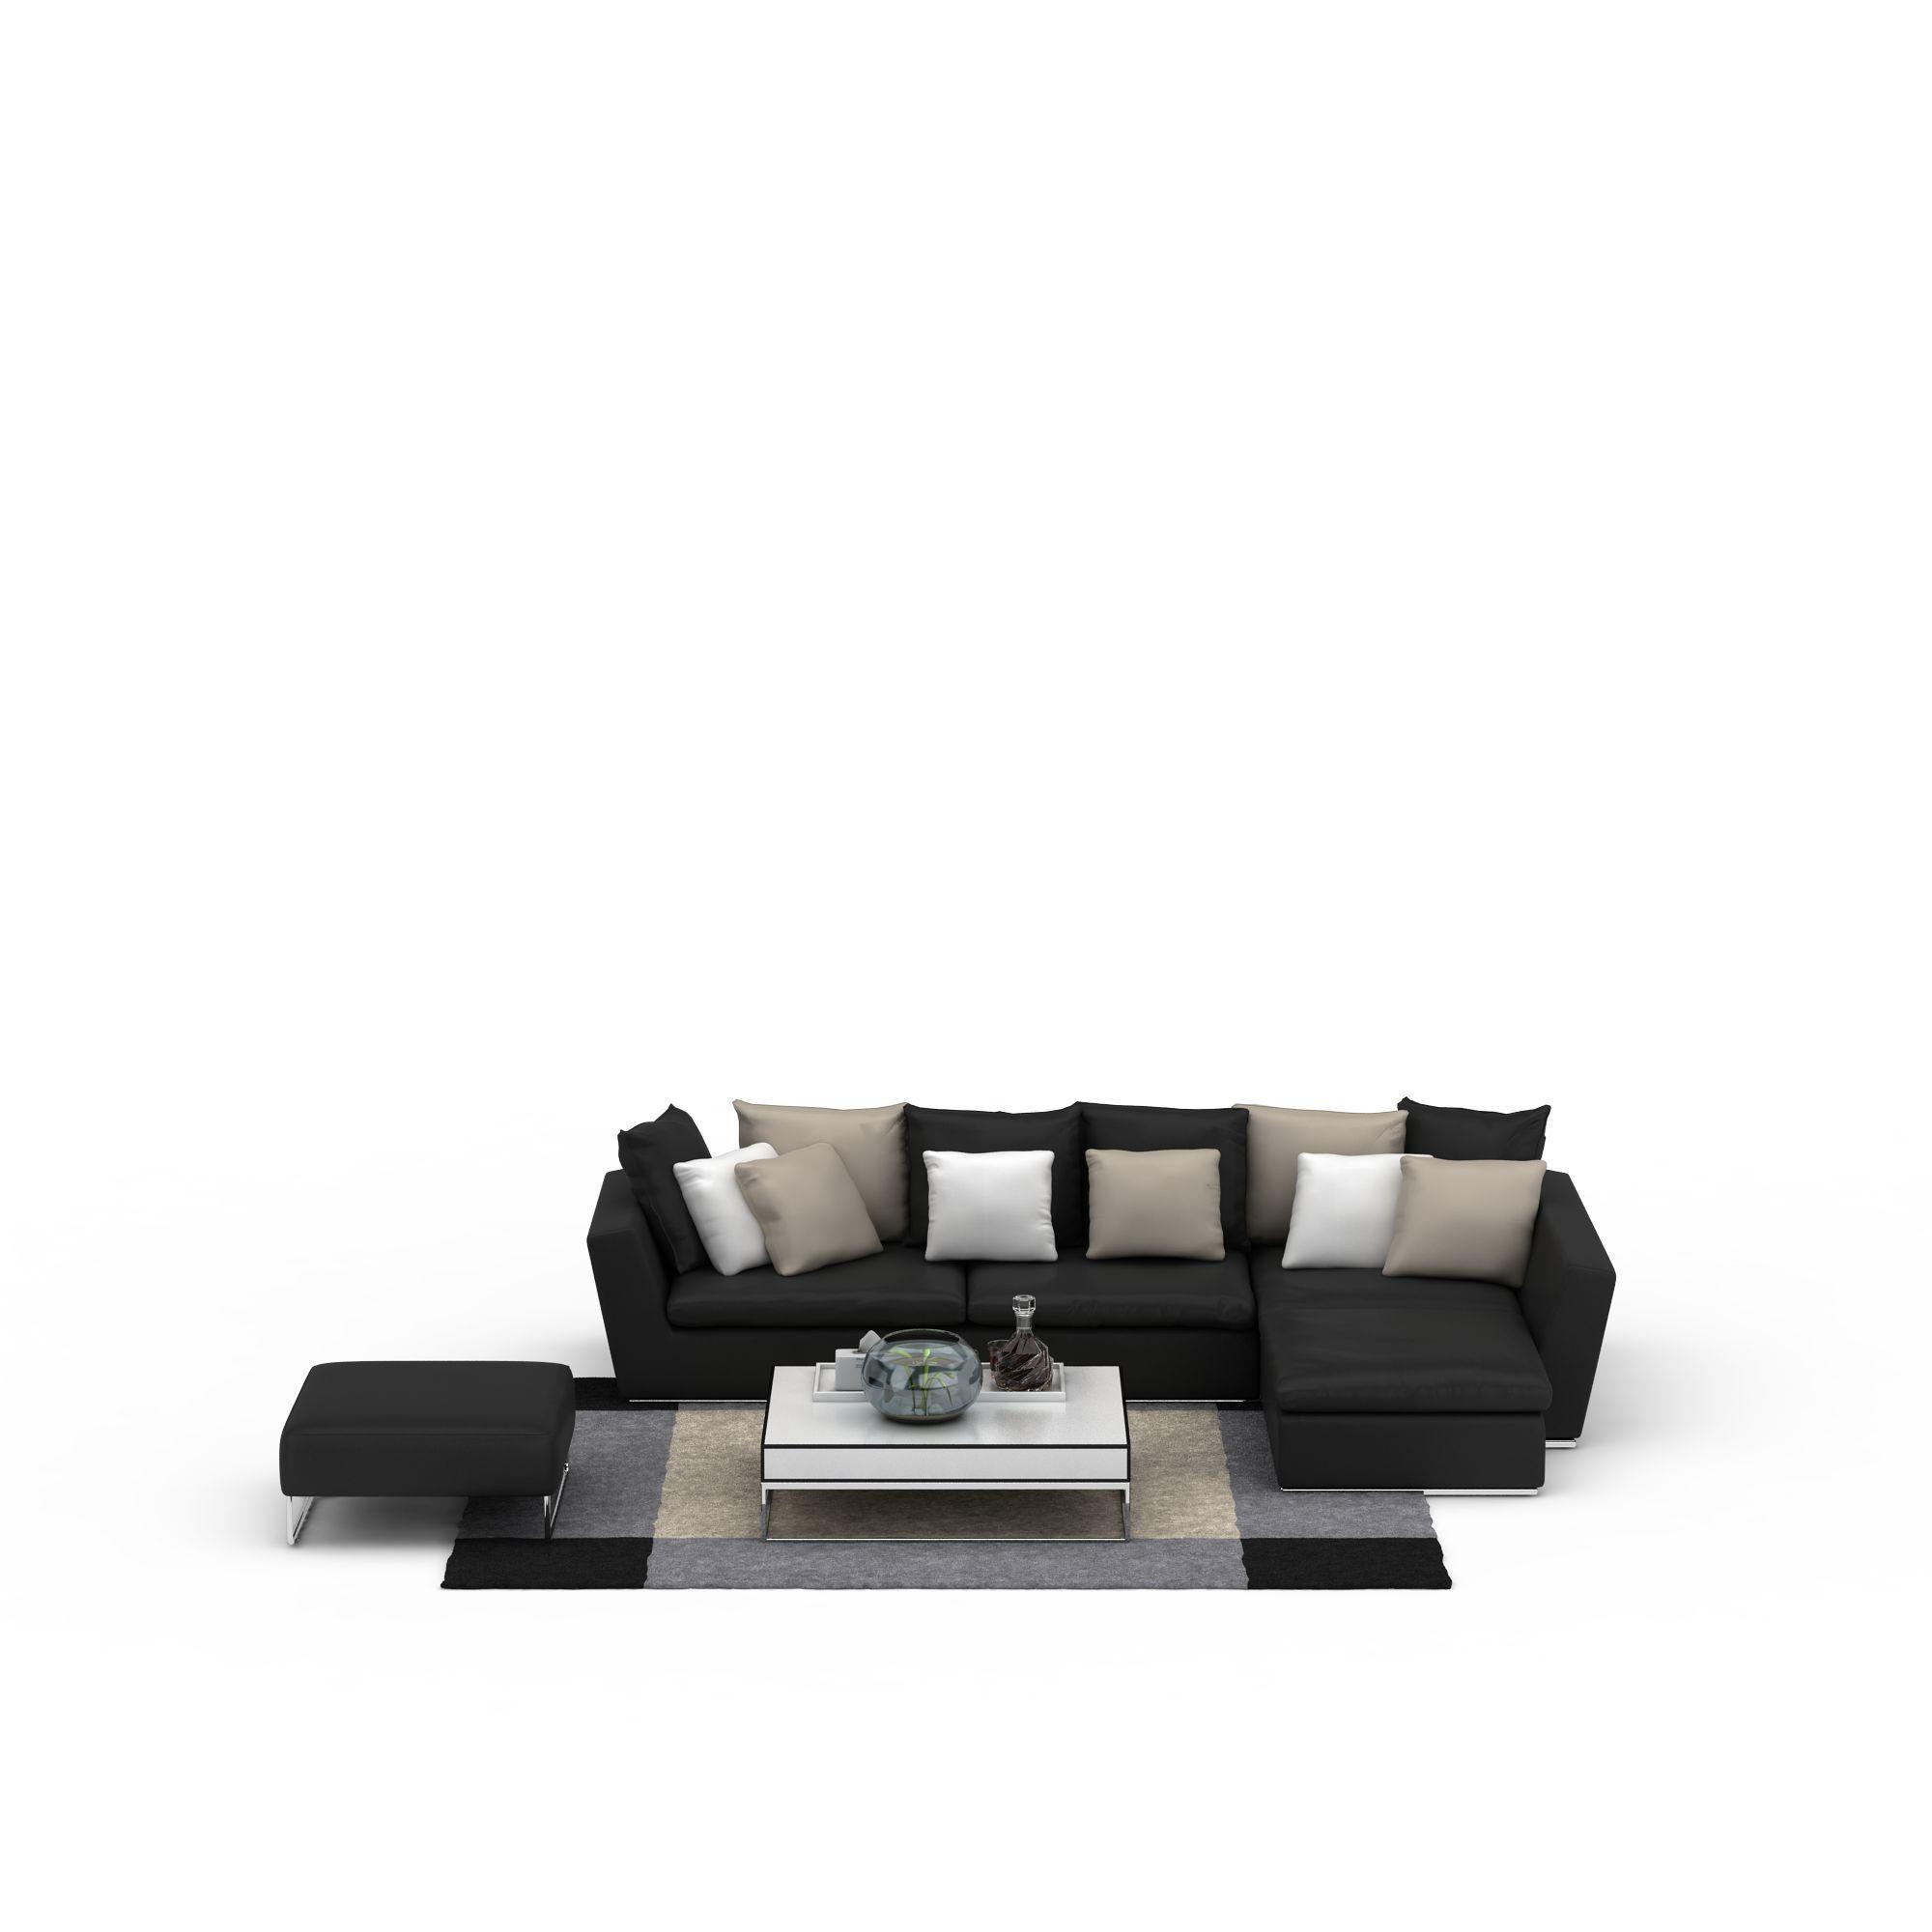 客厅休闲沙发组合图片_客厅休闲沙发组合png图片素材